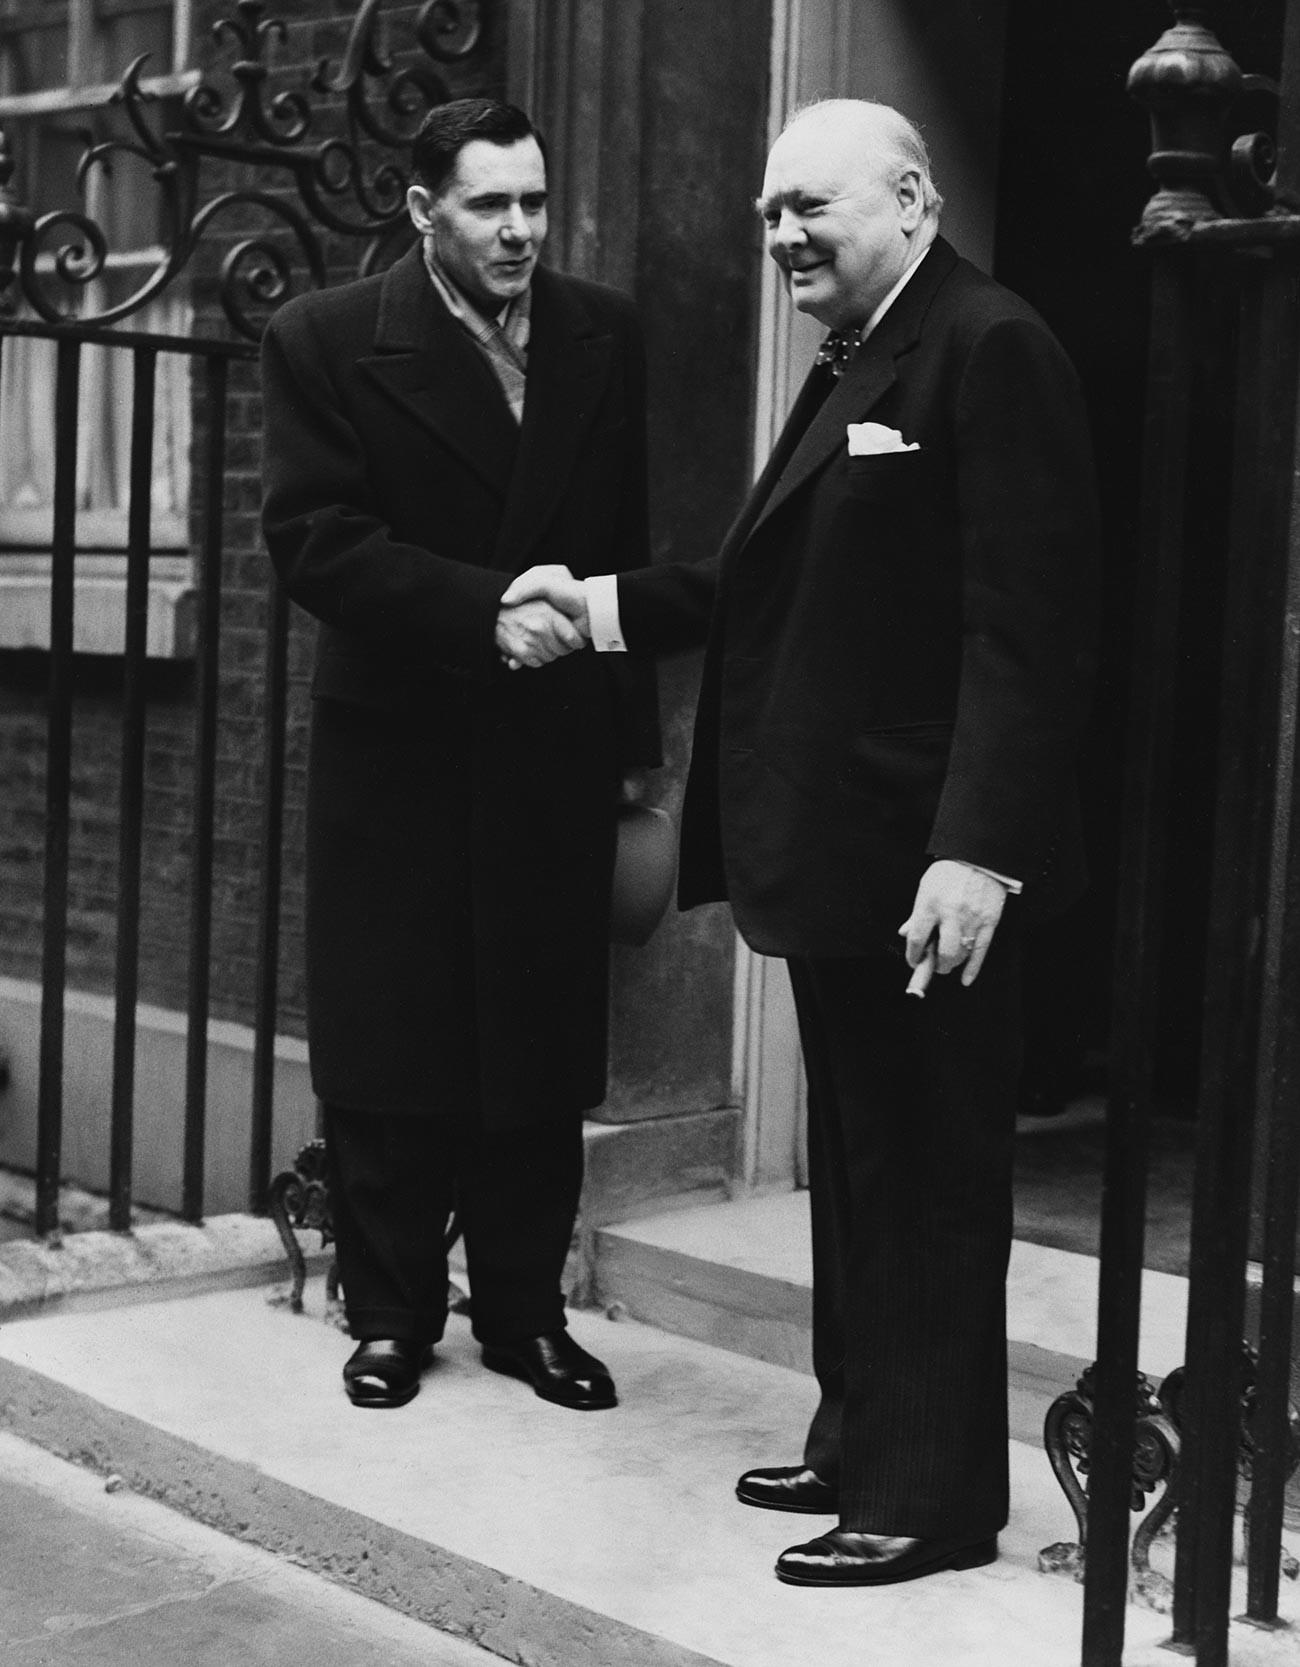 Andréj Gromýko, che divenne ambasciatore russo nel Regno Unito nel 1952, stringe la mano al primo ministro Winston Churchill a Downing Street